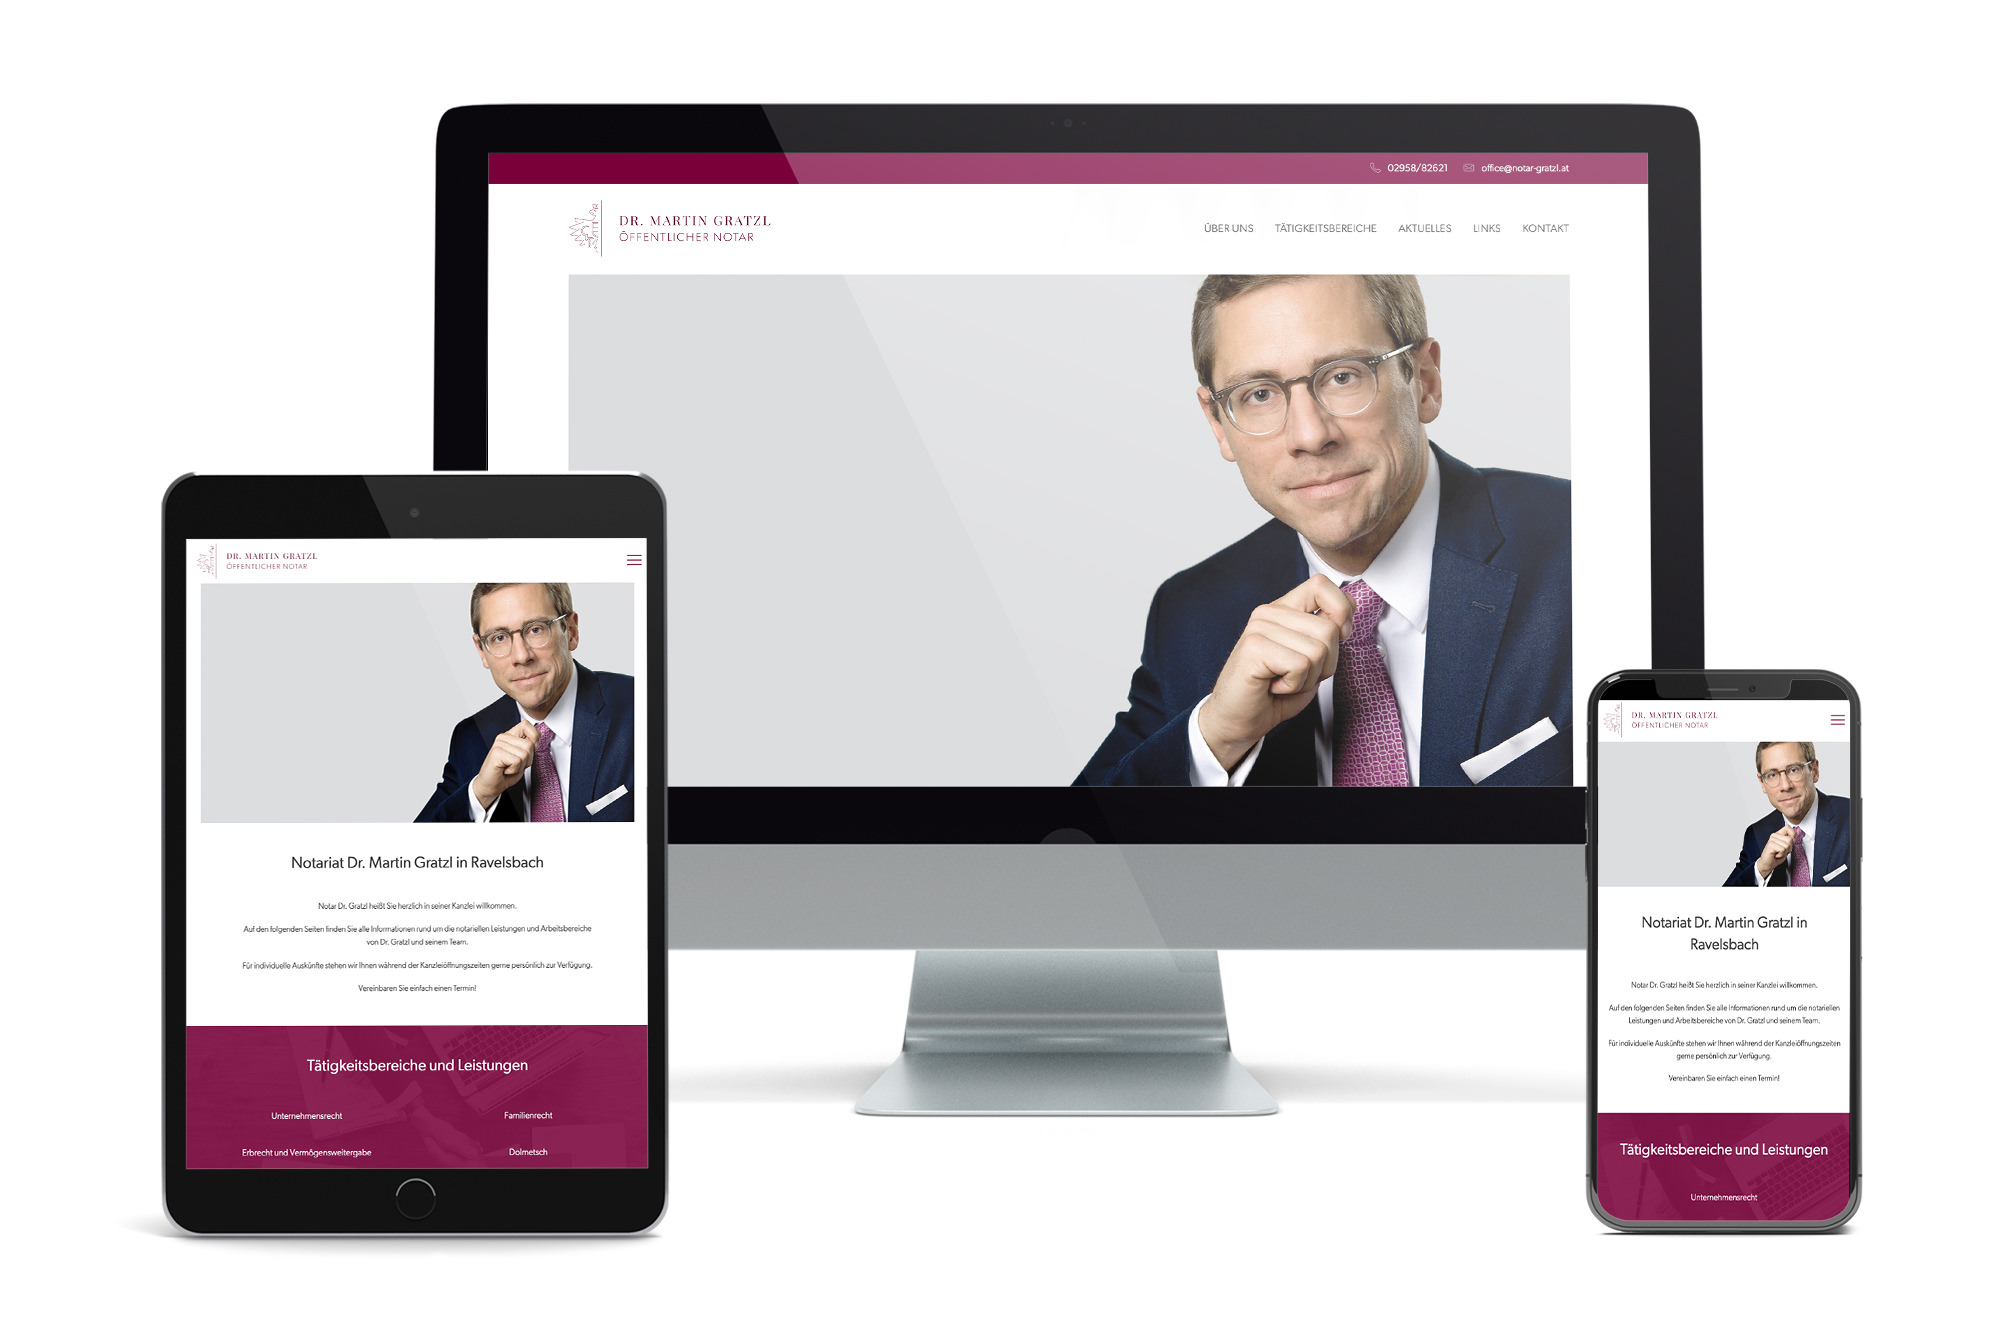 Webdesign Beispiel: Neue Website für Notar / Notariatskanzlei